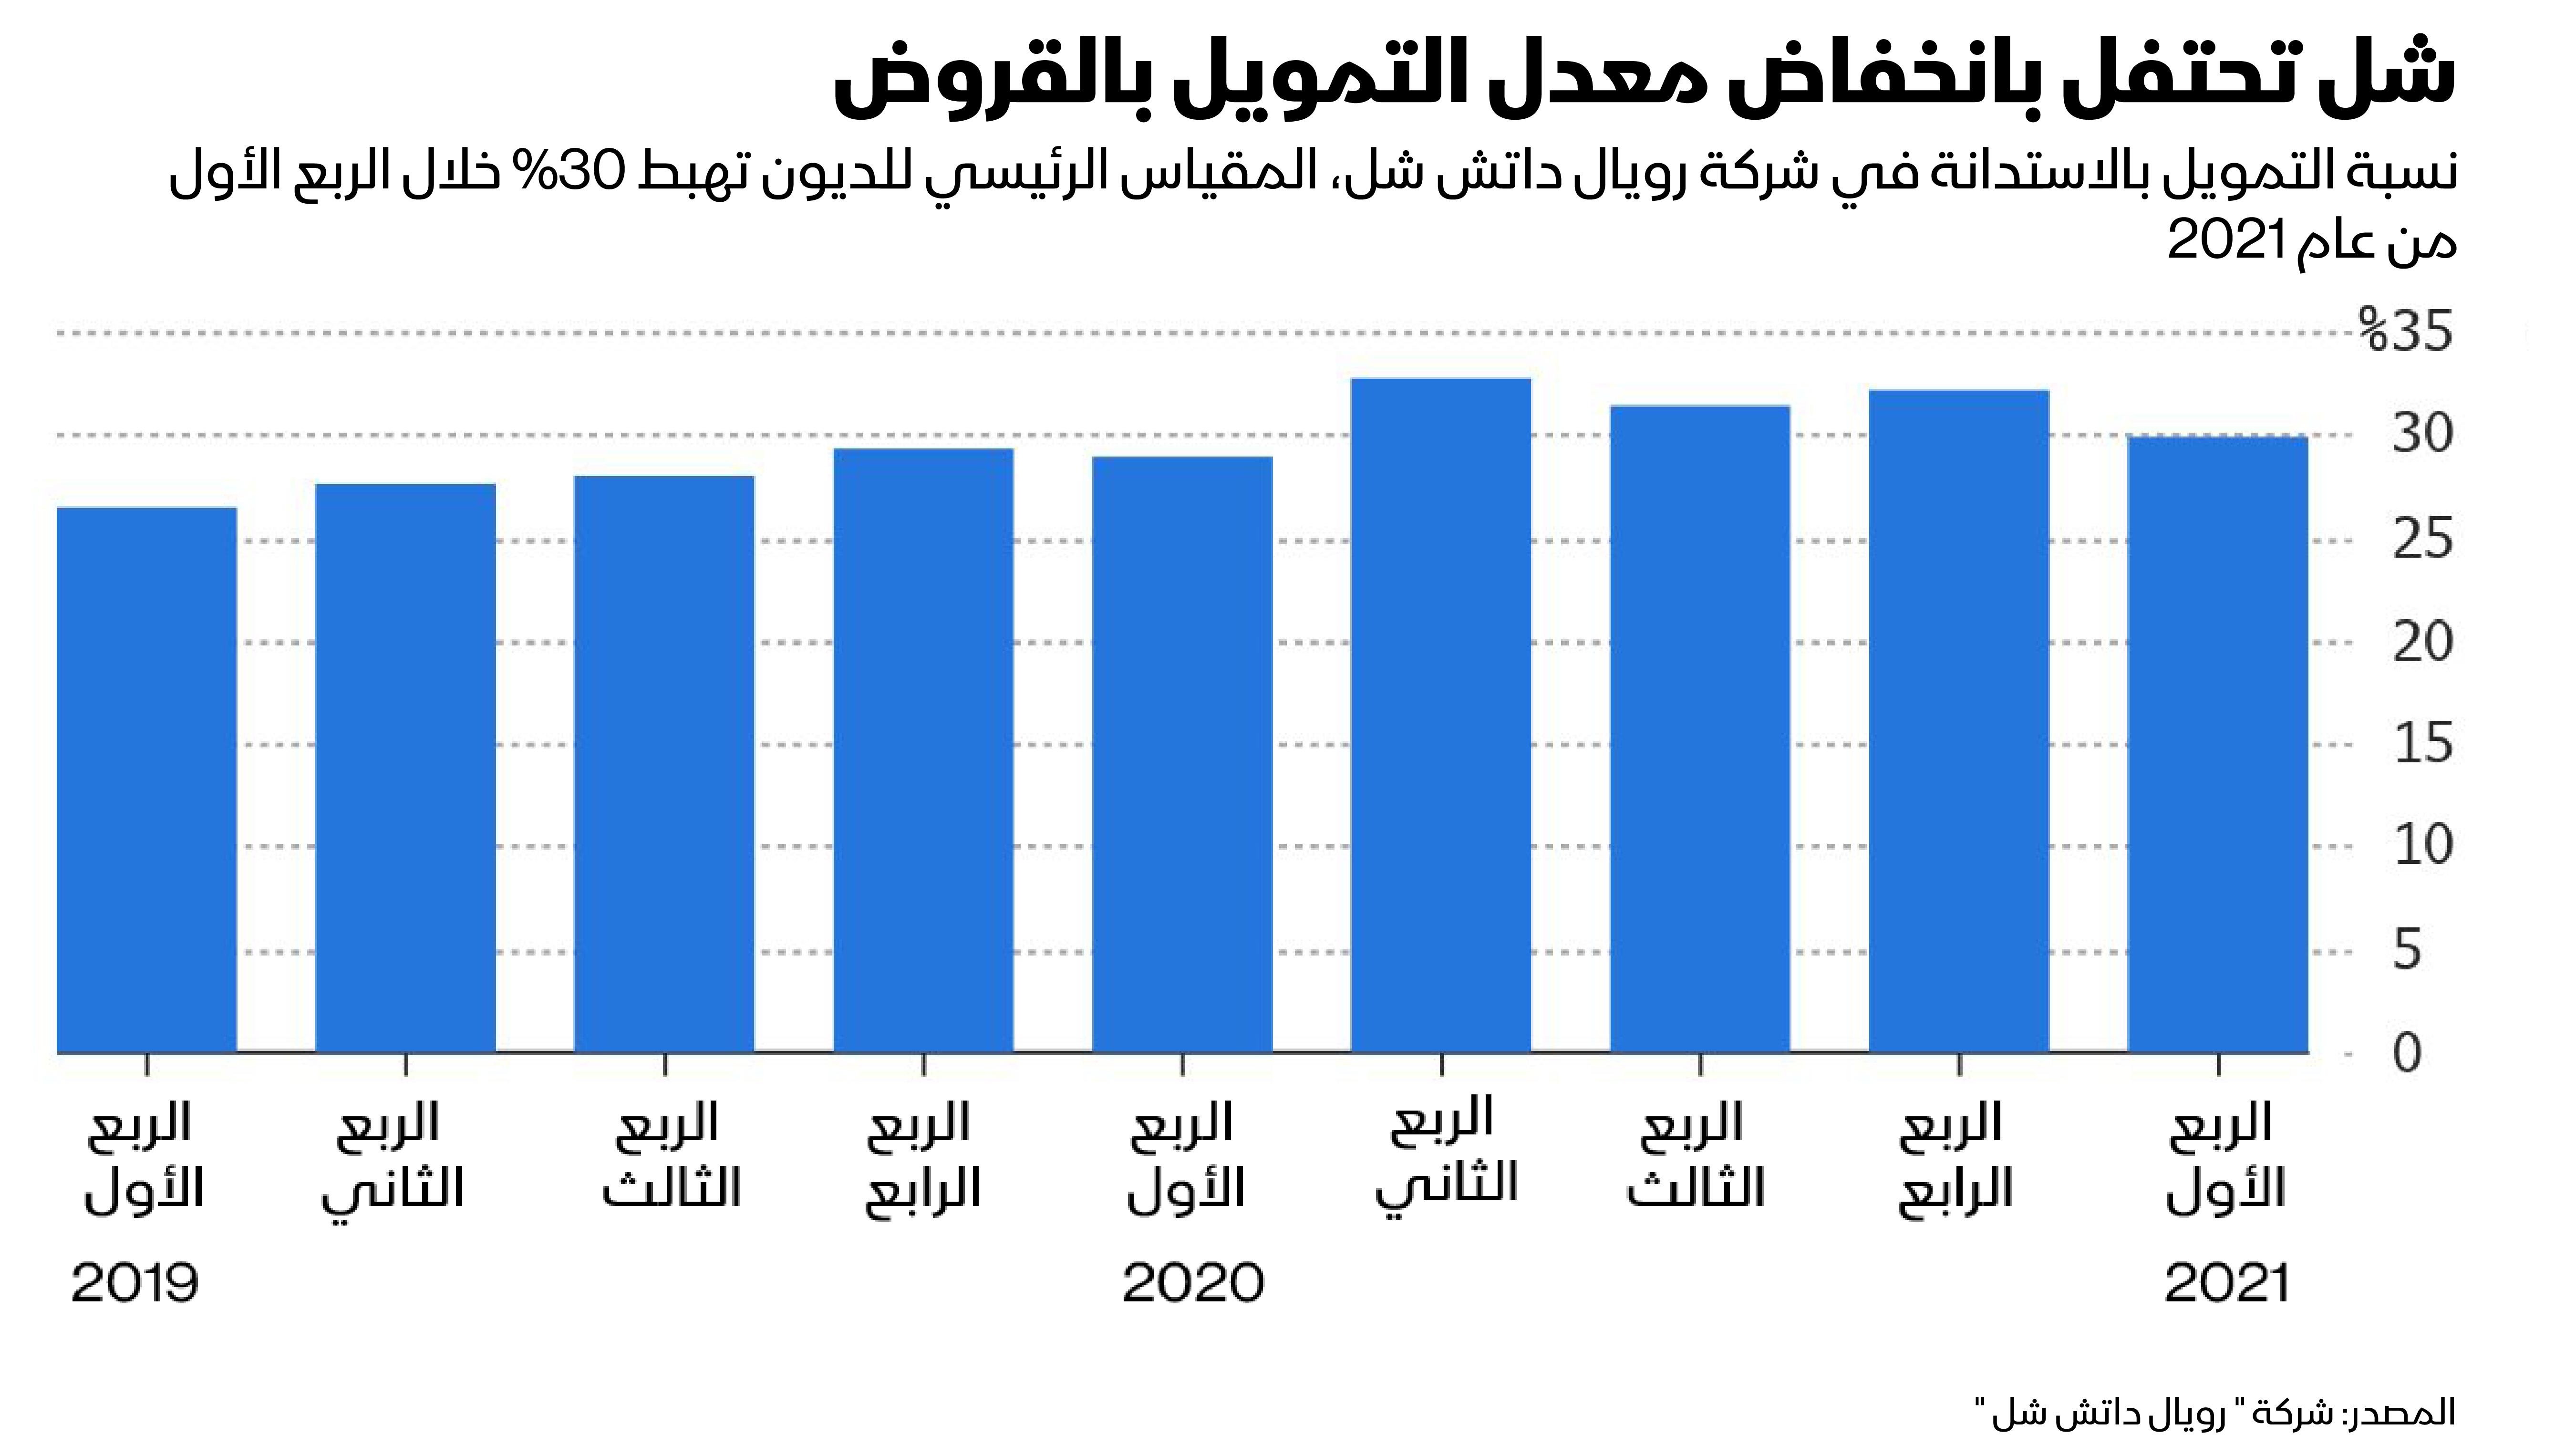 انخفاض التمويل بالديون في شركة شل للنفط والغاز